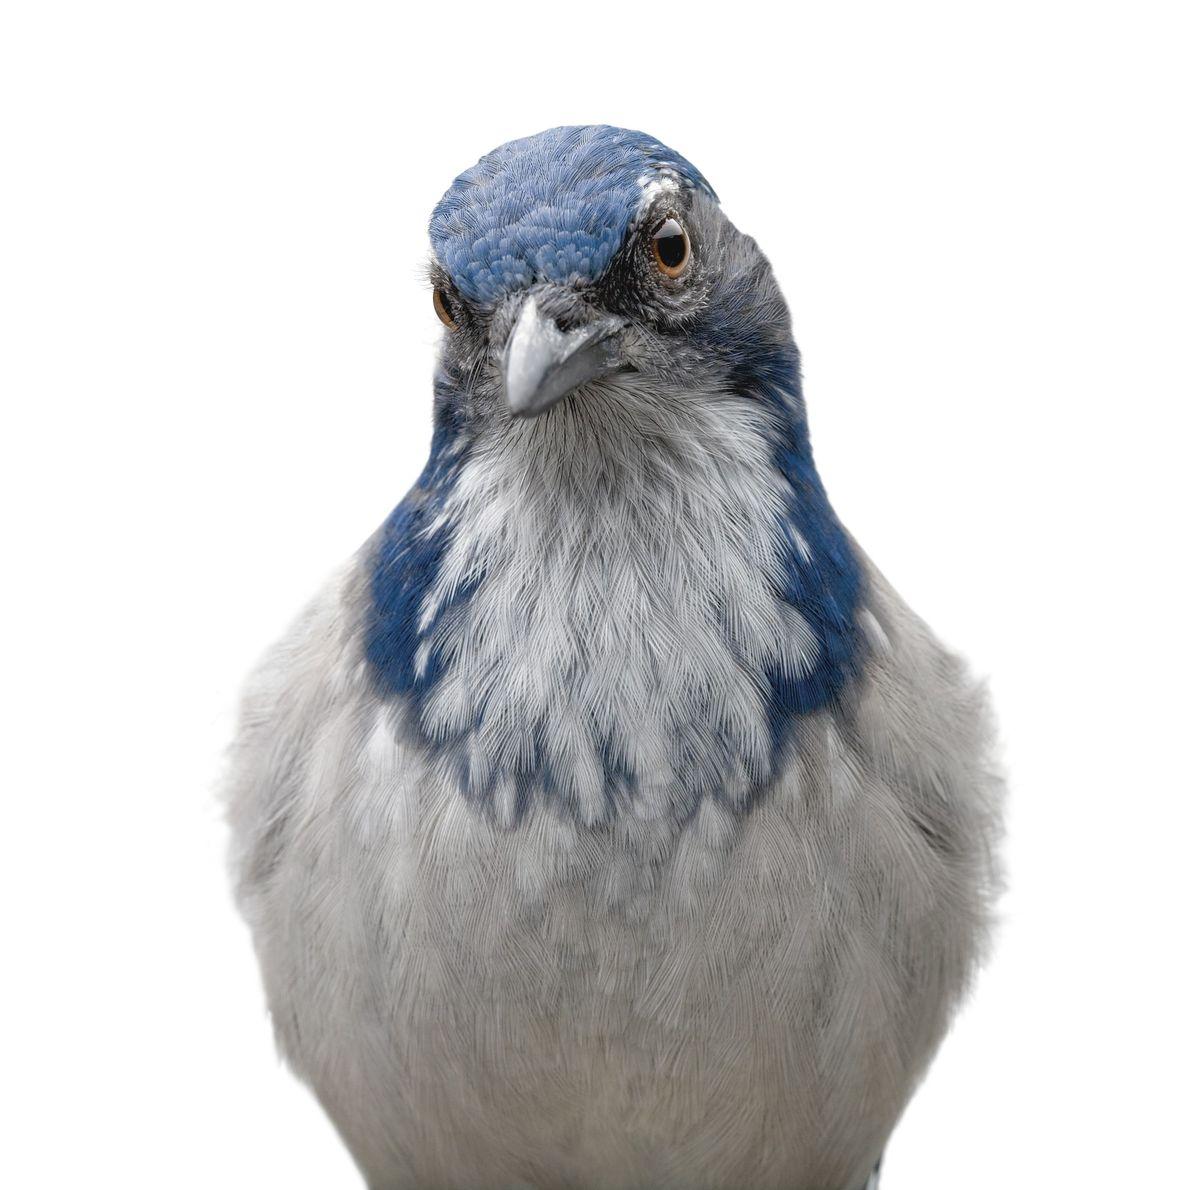 O Aphelocoma californica, um pássaro nativo do oeste da América do Norte, consegue lembrar-se onde guarda ...